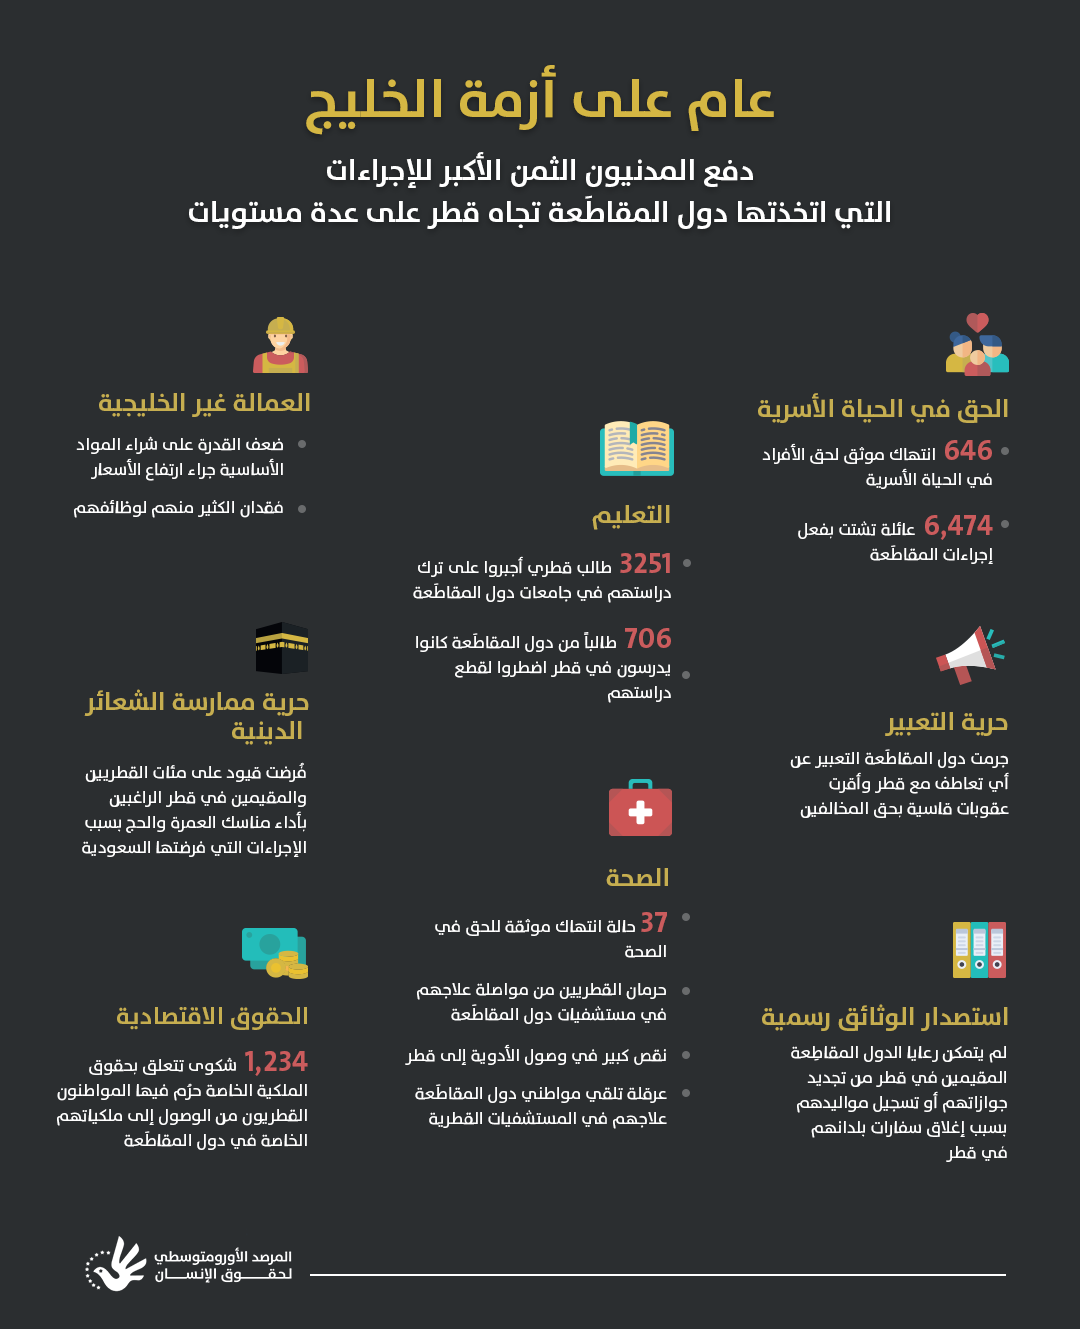 بعد عام على أزمة الخليج سلم مجتمعي مهدَّد وحقوق أساسية في مهب الريح